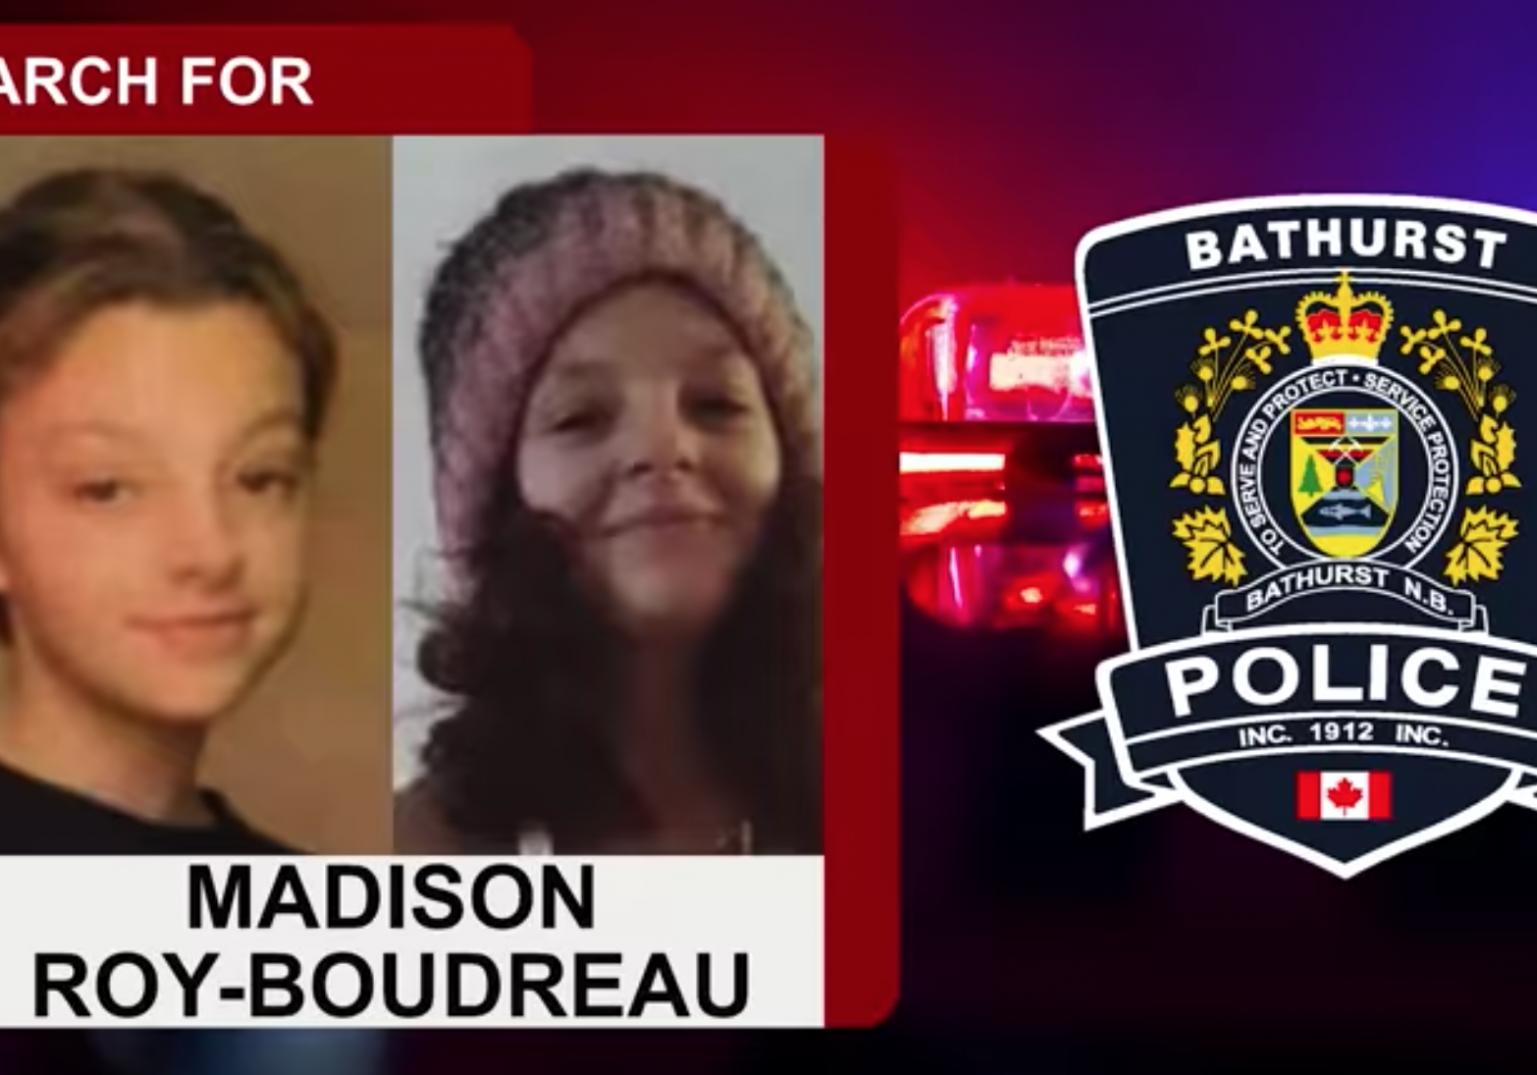 Madison Roy-Boudreau